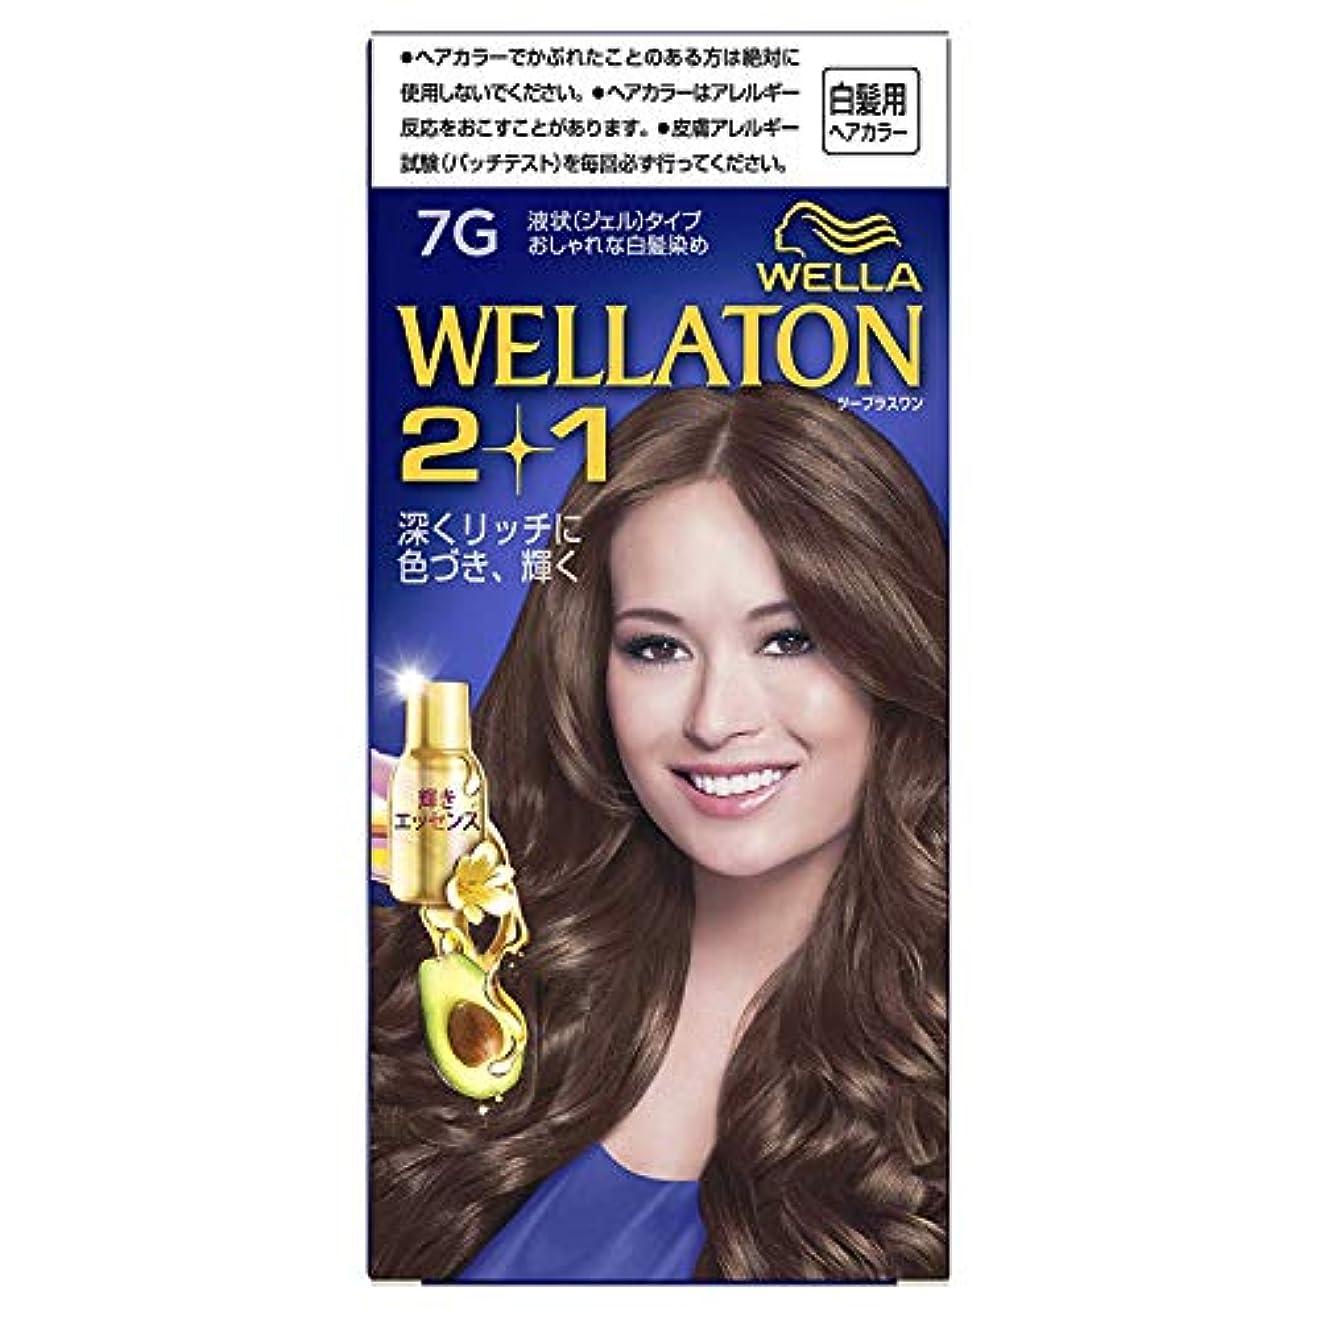 フリッパーチャーミング賞賛するウエラトーン2+1 白髪染め 液状タイプ 7G [医薬部外品] ×3個